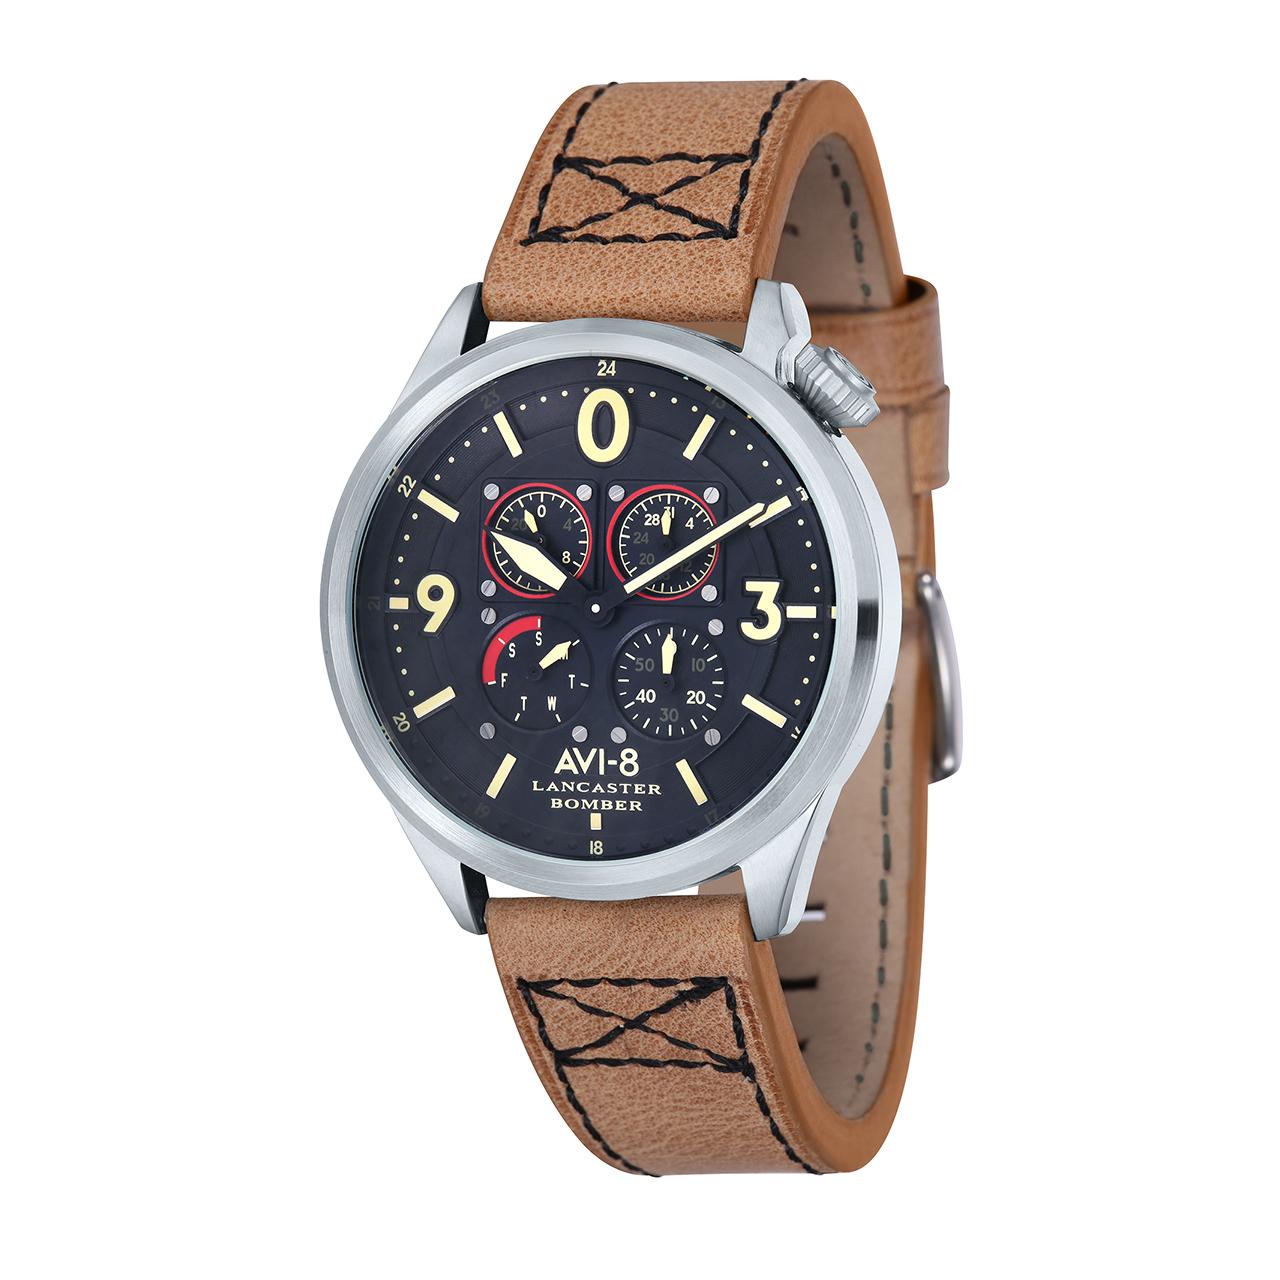 ساعت مچی عقربه ای مردانه ای وی-8 مدل AV-4050-01